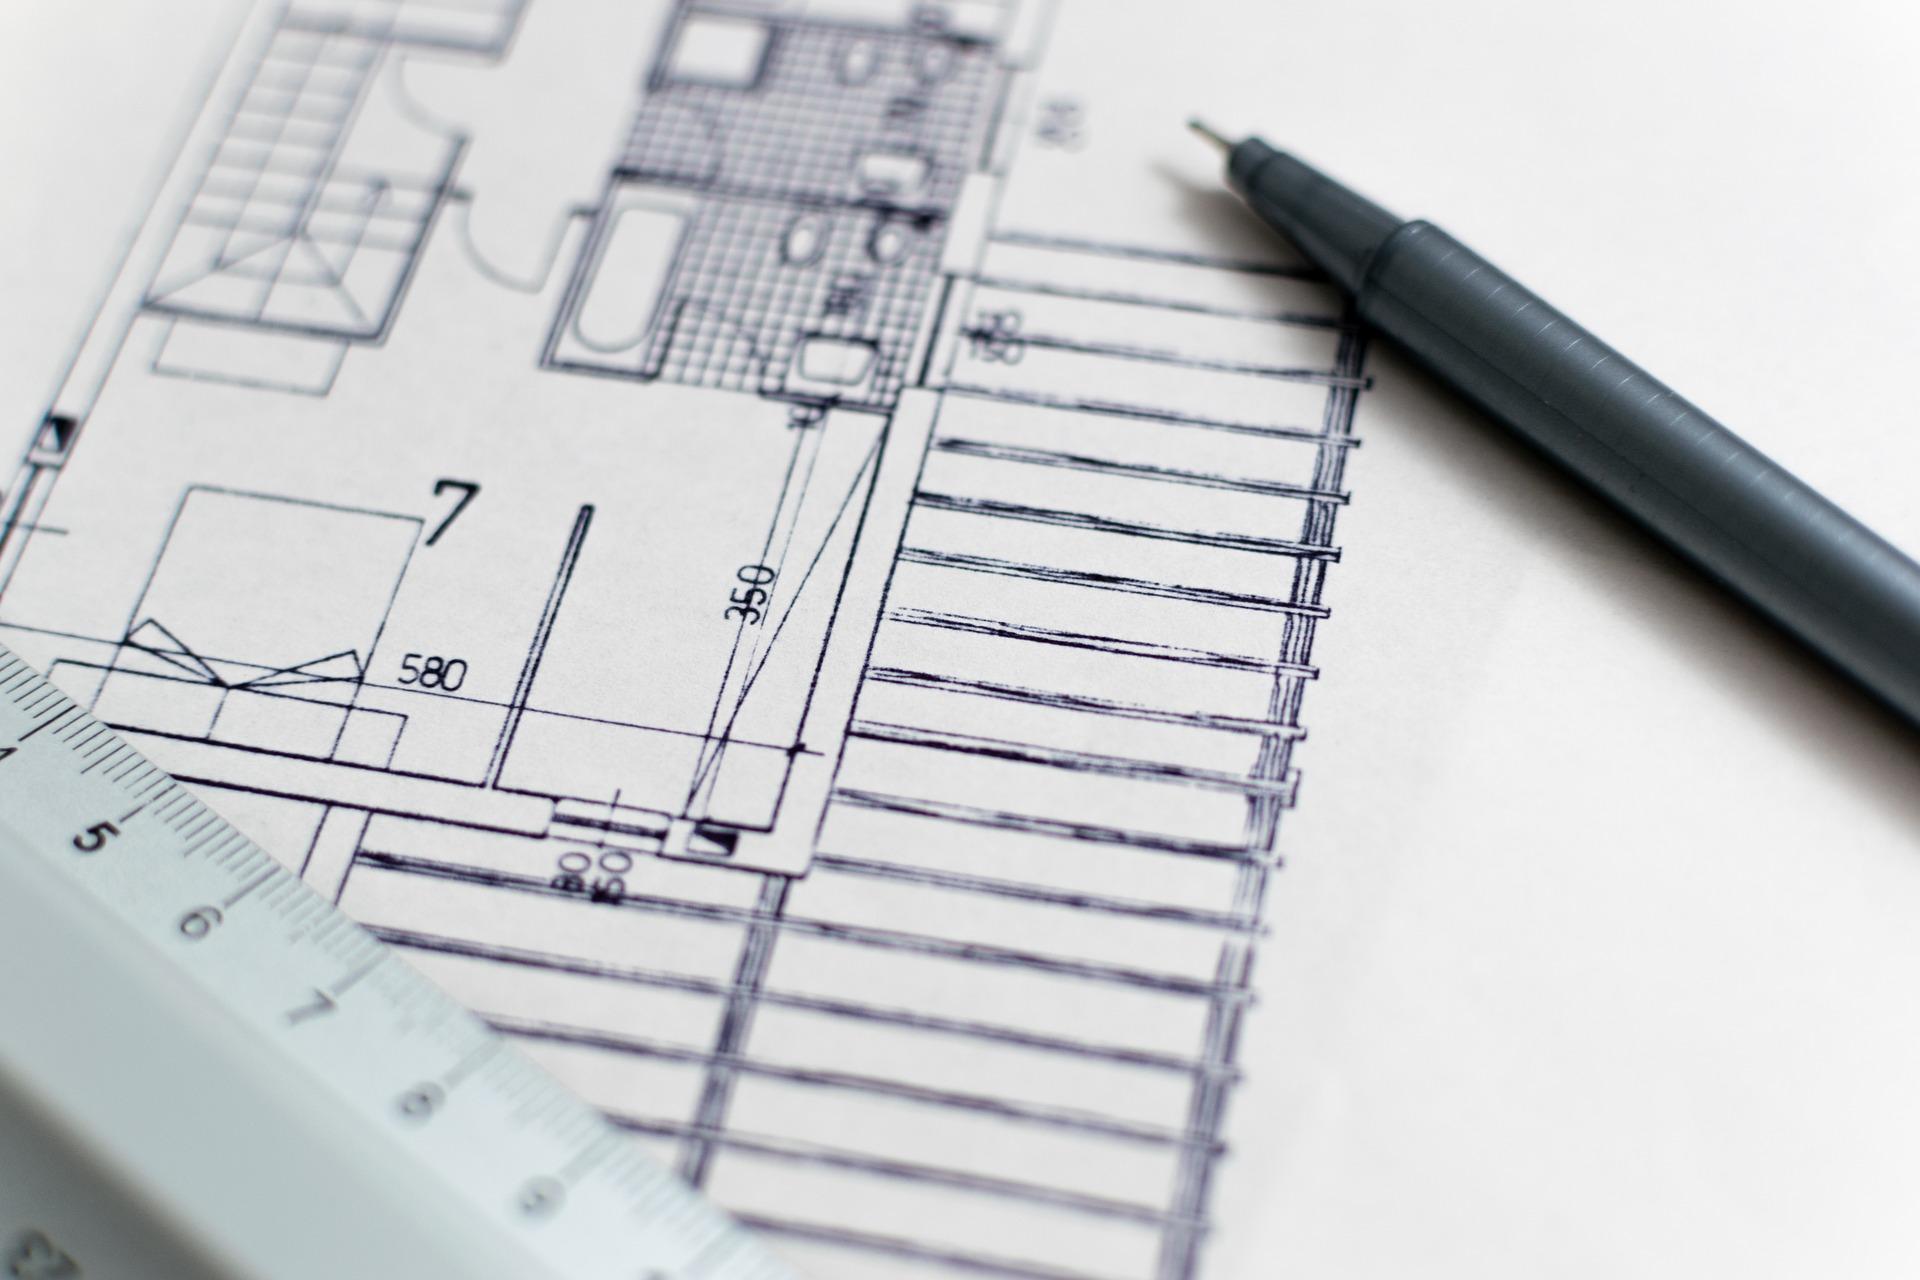 Α.Μ ΞΕΝΟΠΟΥΛΟΣ ΟΕ – Τεχνική Κατασκευαστική Εταιρεία